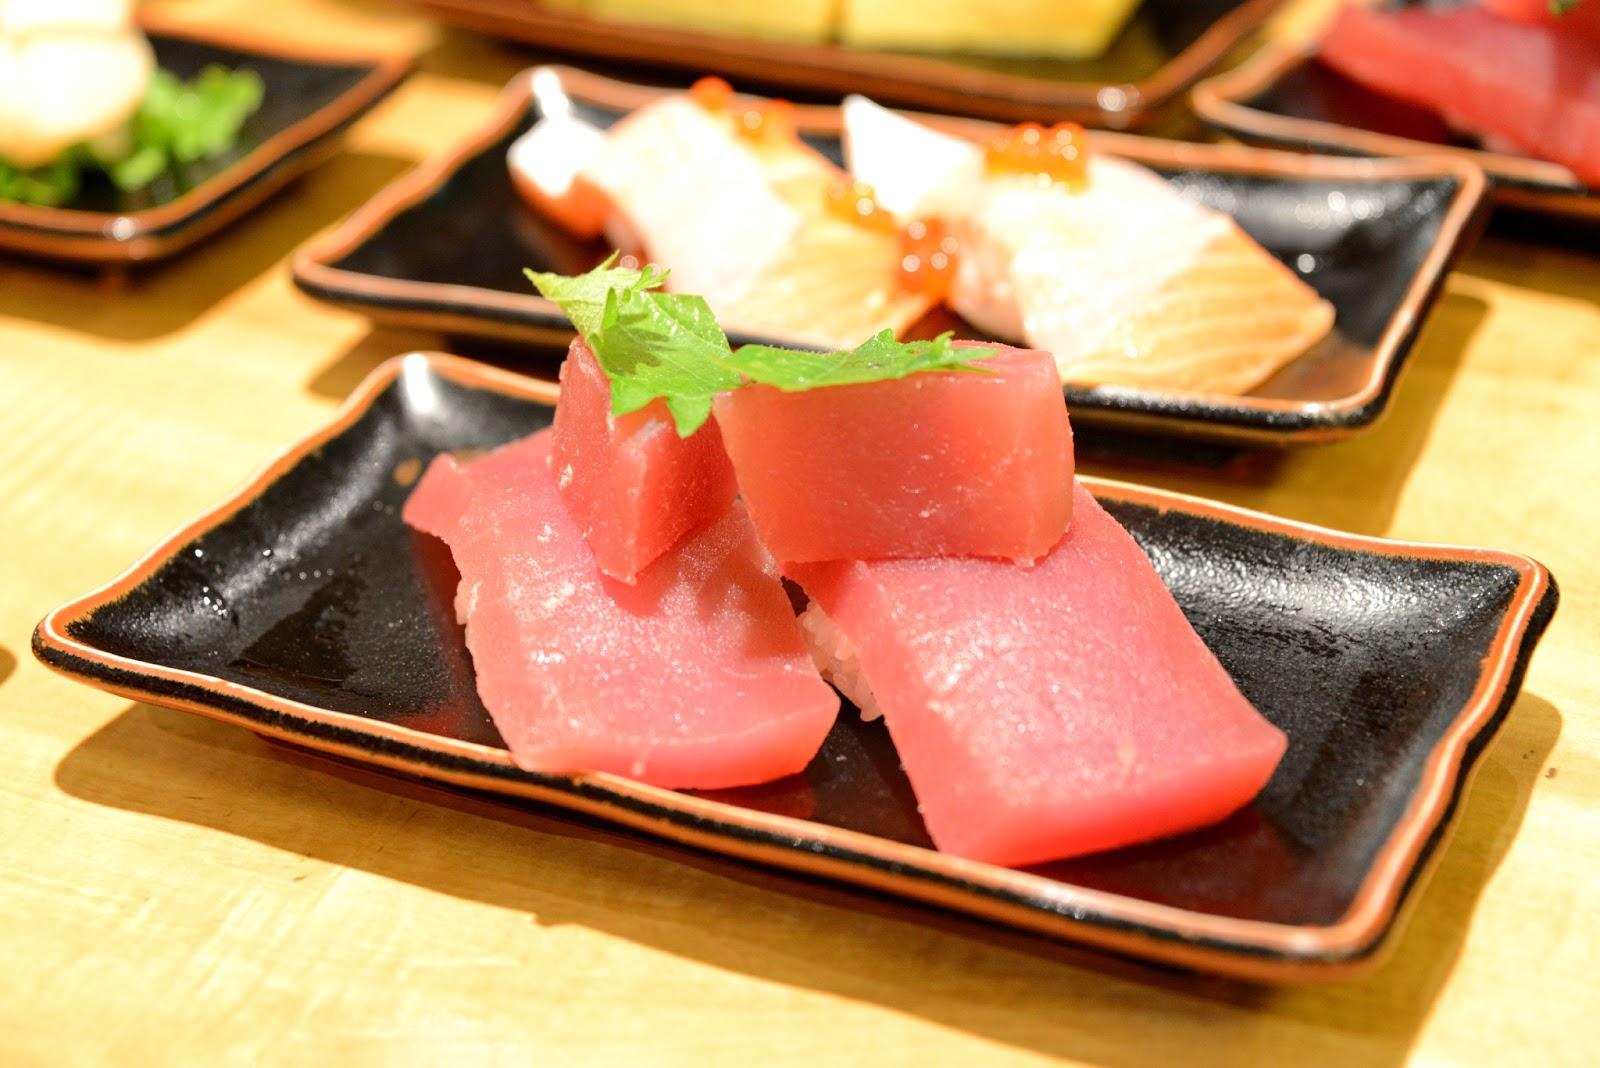 多多咪與拉拉喵: 京都 魚心 河原町店 這壽司也太大塊了吧!